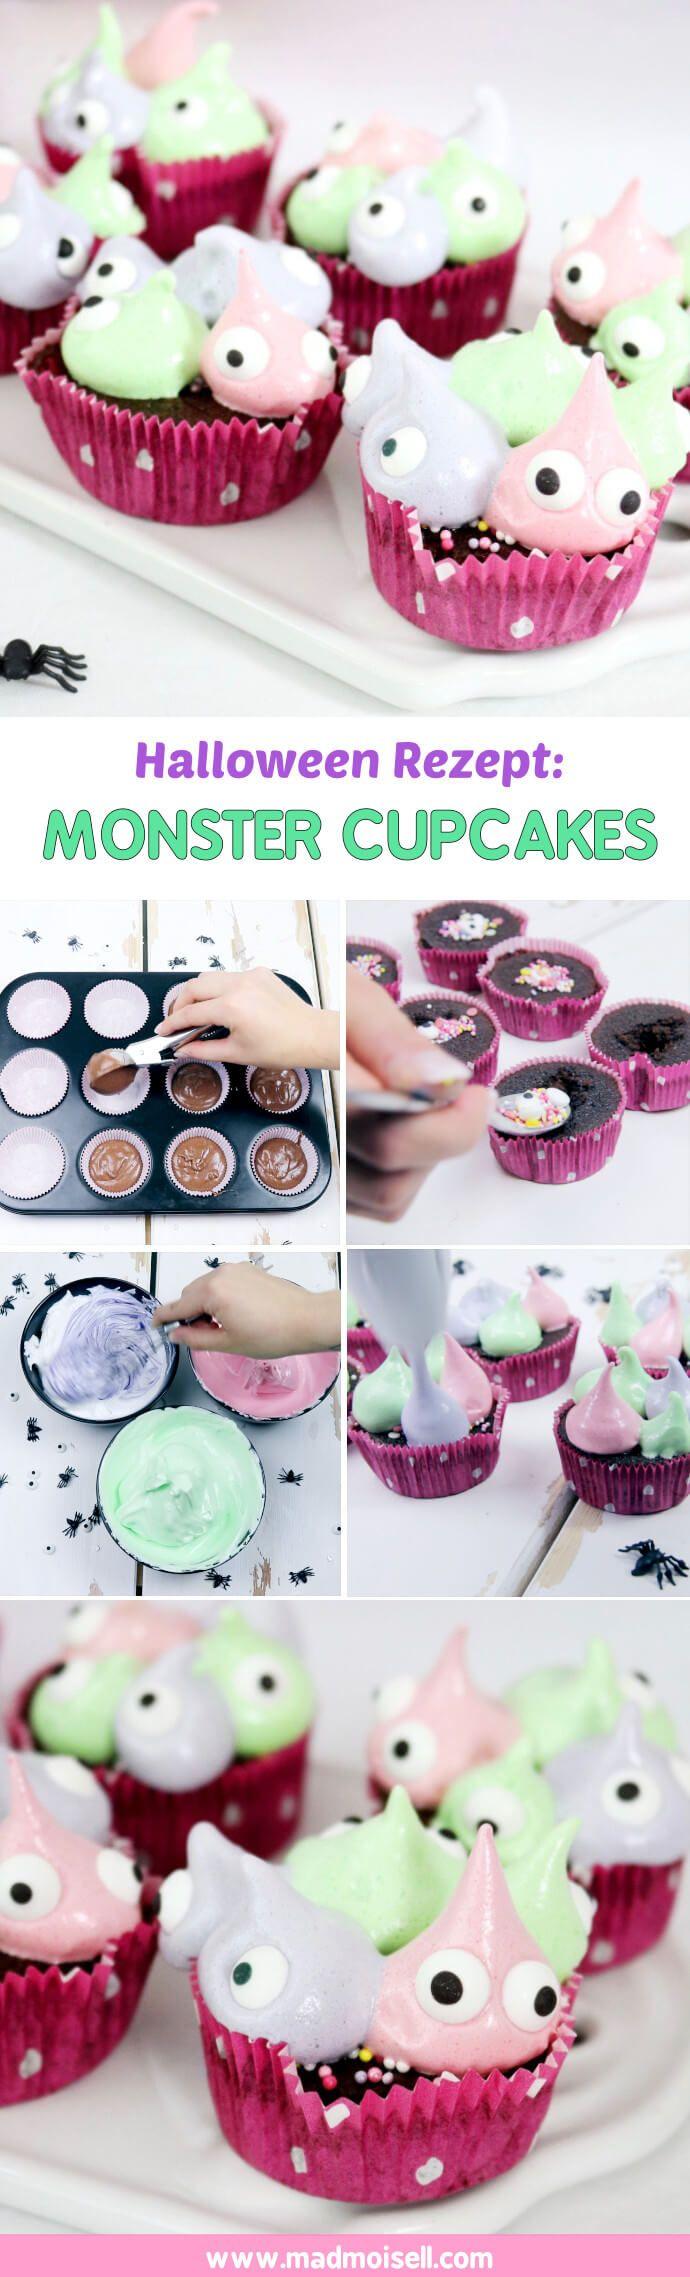 Monster Cupcakes backen: Einfaches Muffin Rezept für Halloween. Die Cupcakes sind noch schneller gemacht, als die Torte und sehen zuuuuckersüß aus, findet ihr auch? Ich liebe die Idee mit dem Marshmallow Frosting und den Augen total und stelle mir die Monster Cupcakes super toll auf einer Halloween Party vor!